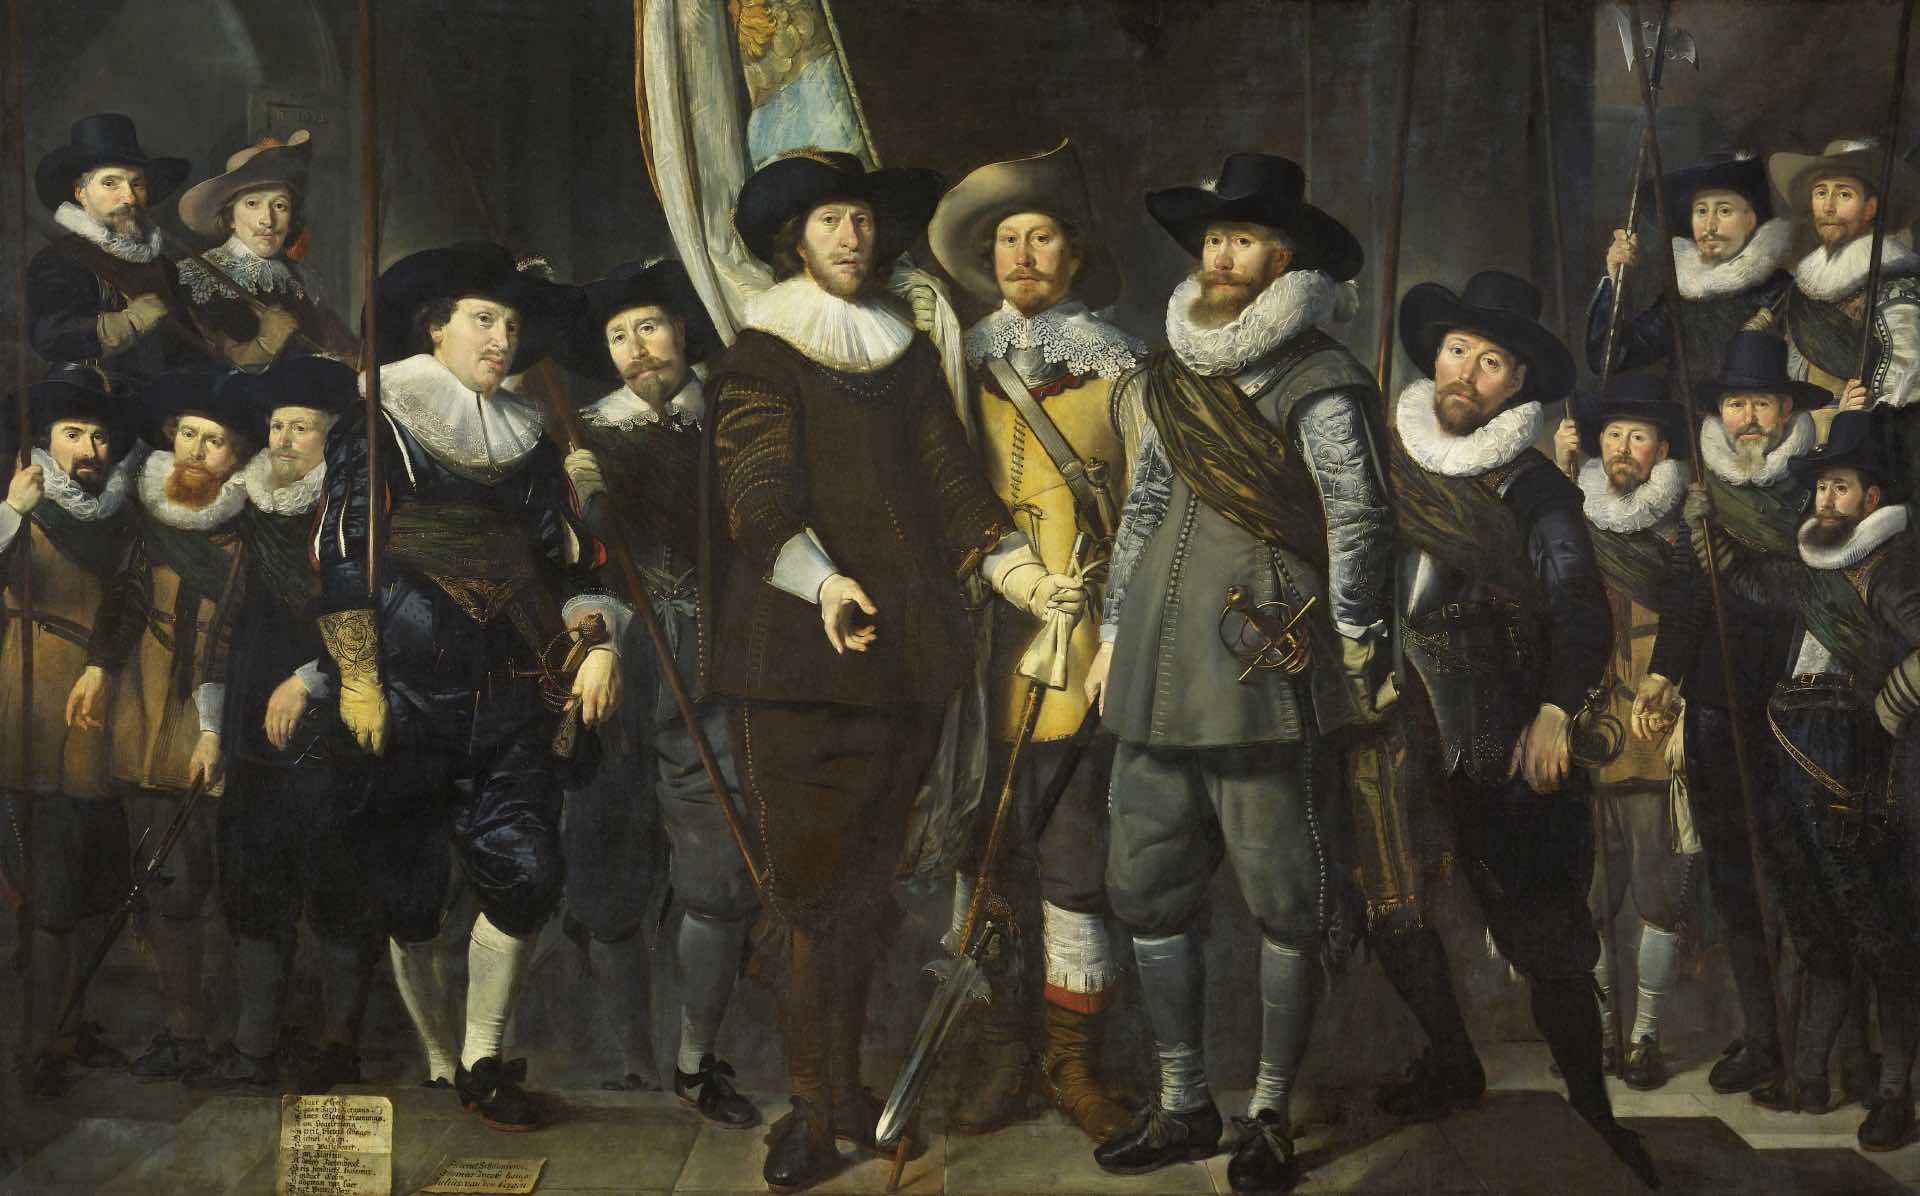 schuttersstuk met kapitein Allaert Cloeck en luitenant Lucas Jacobsz. Rotgans door Thomas de Keyser